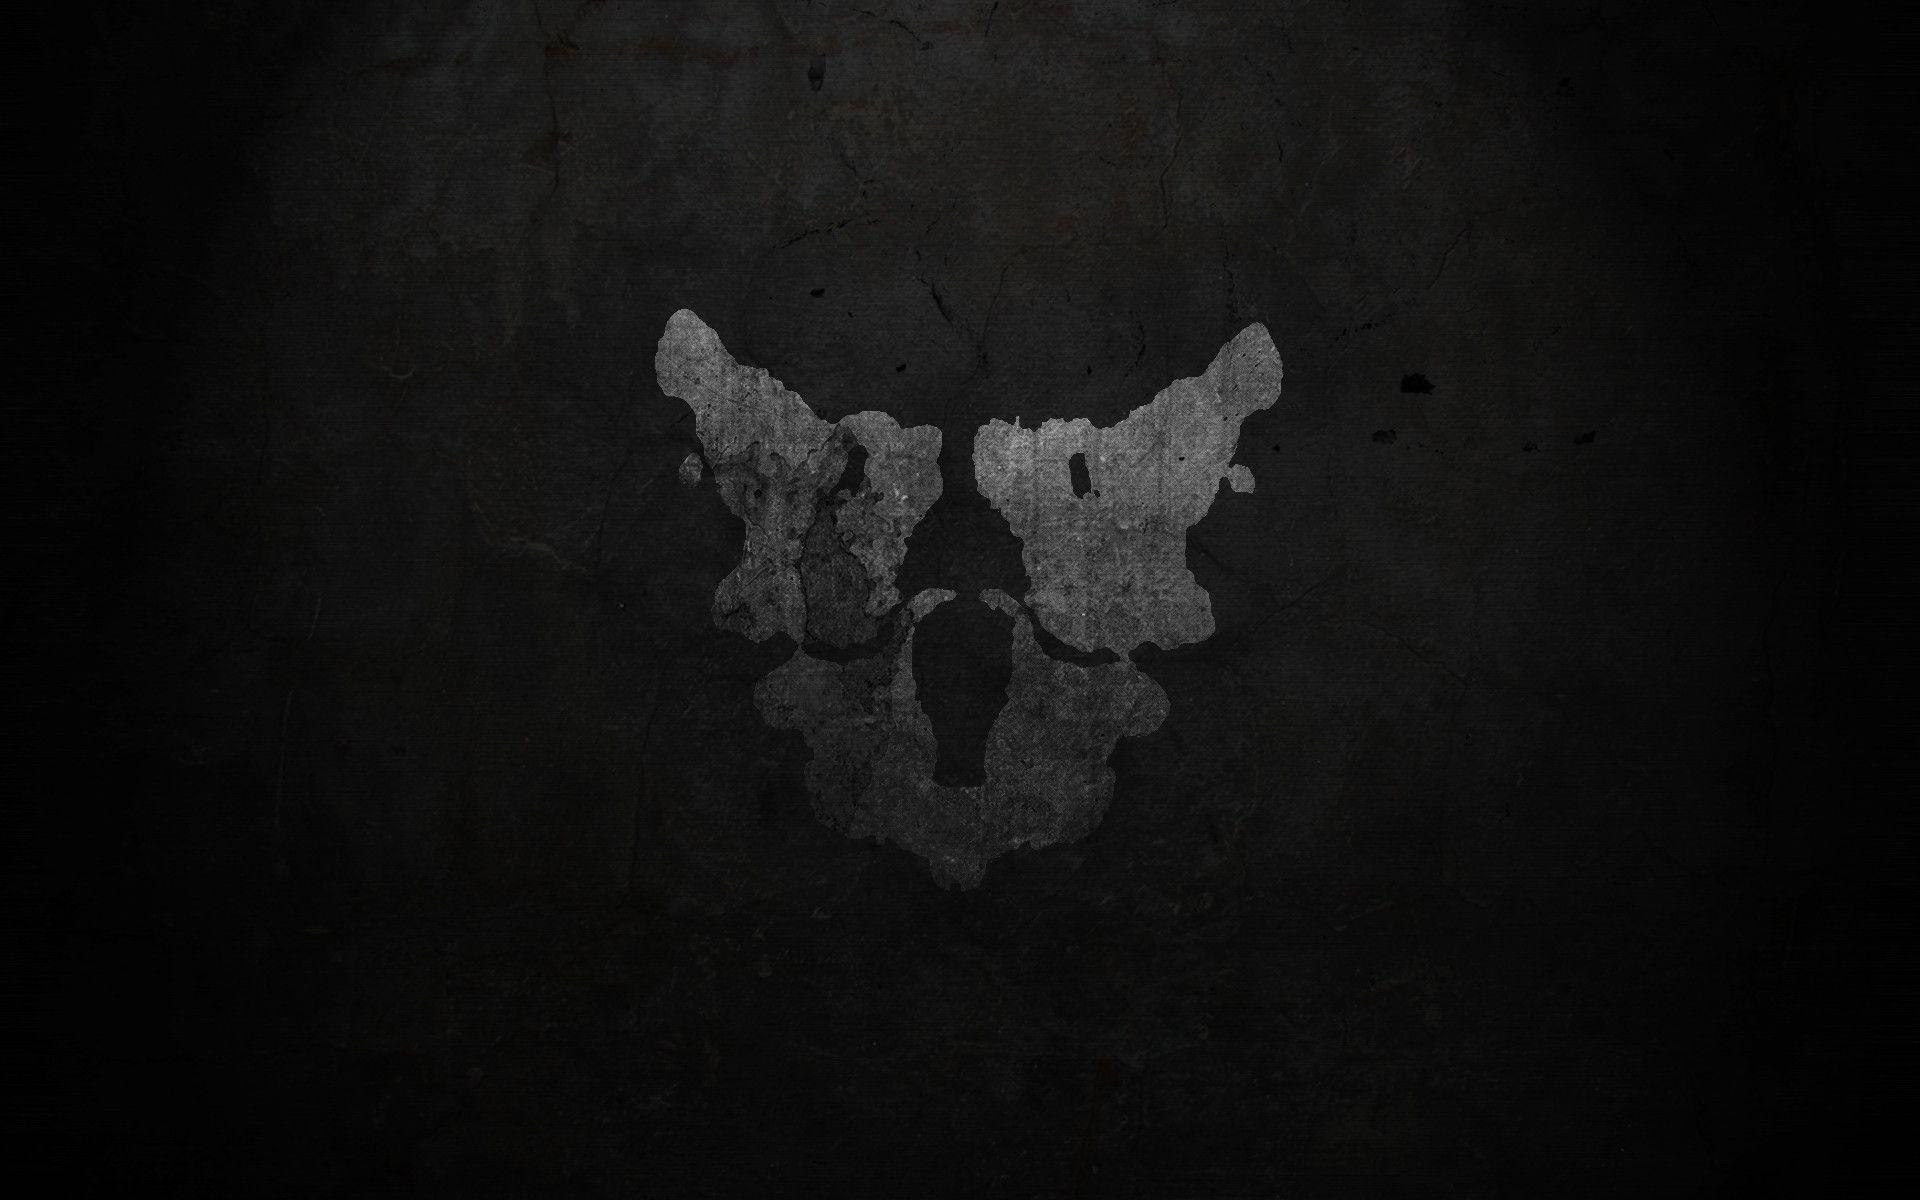 Rorschach test wallpaper 42 images - 3000x1920 wallpaper ...